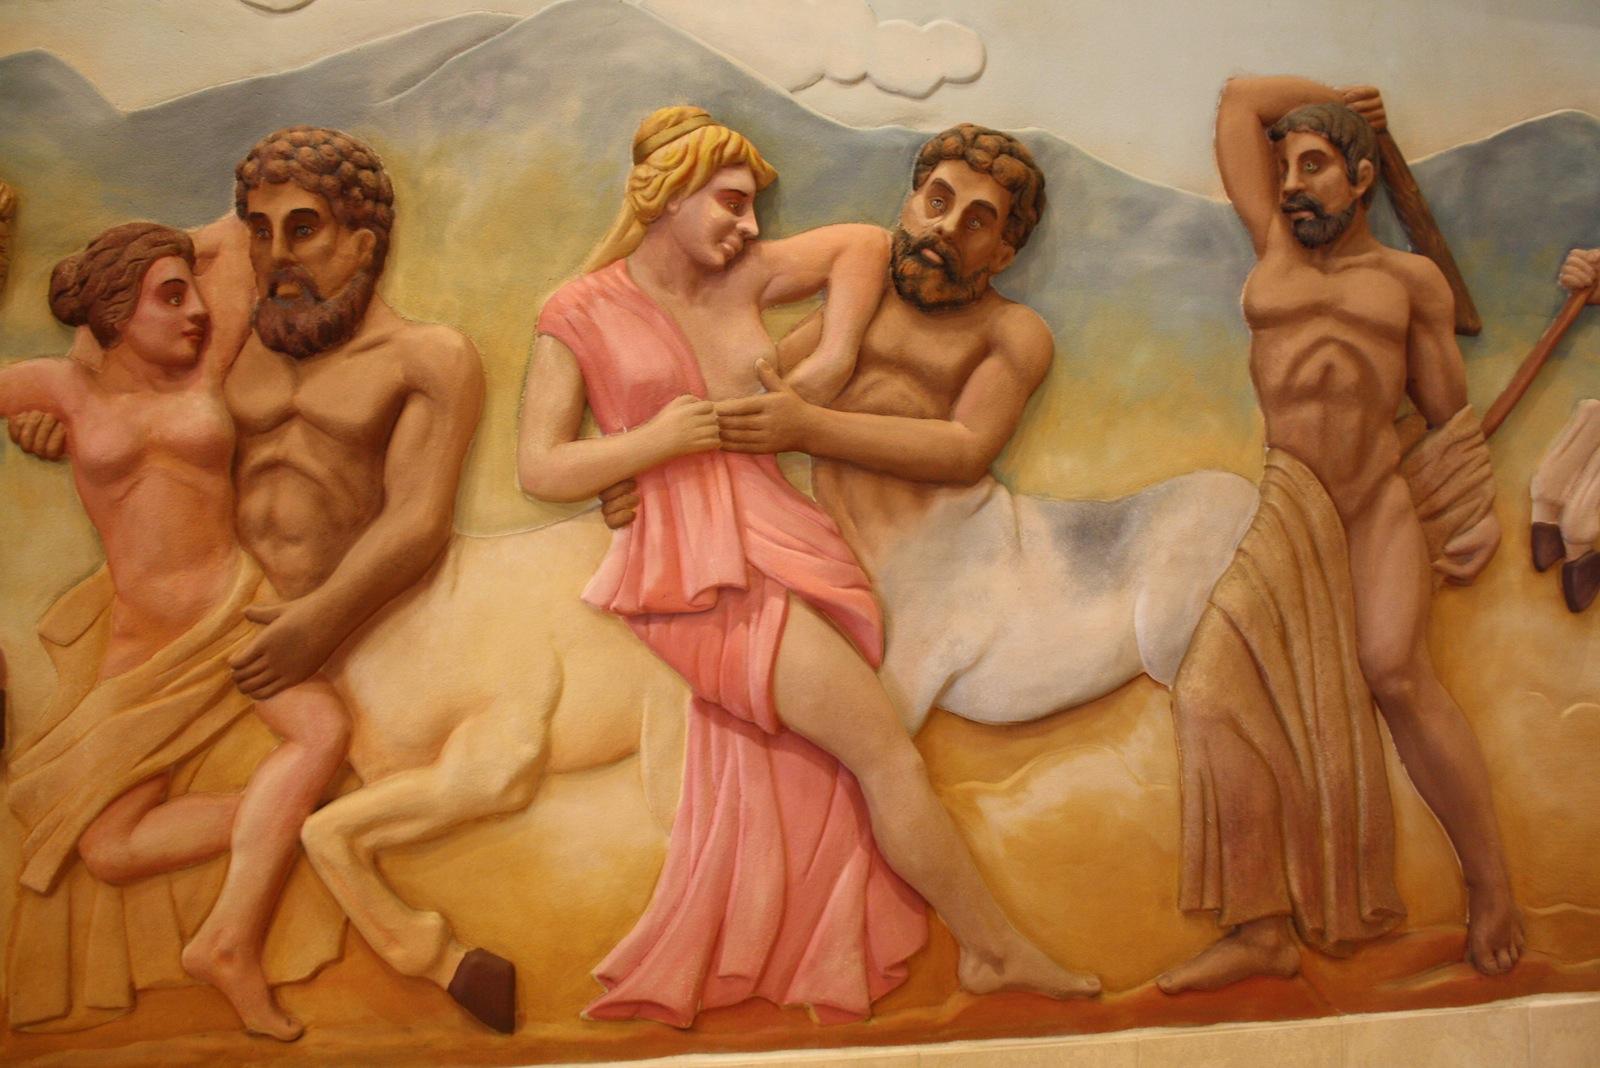 Erotic centaur sex — img 5